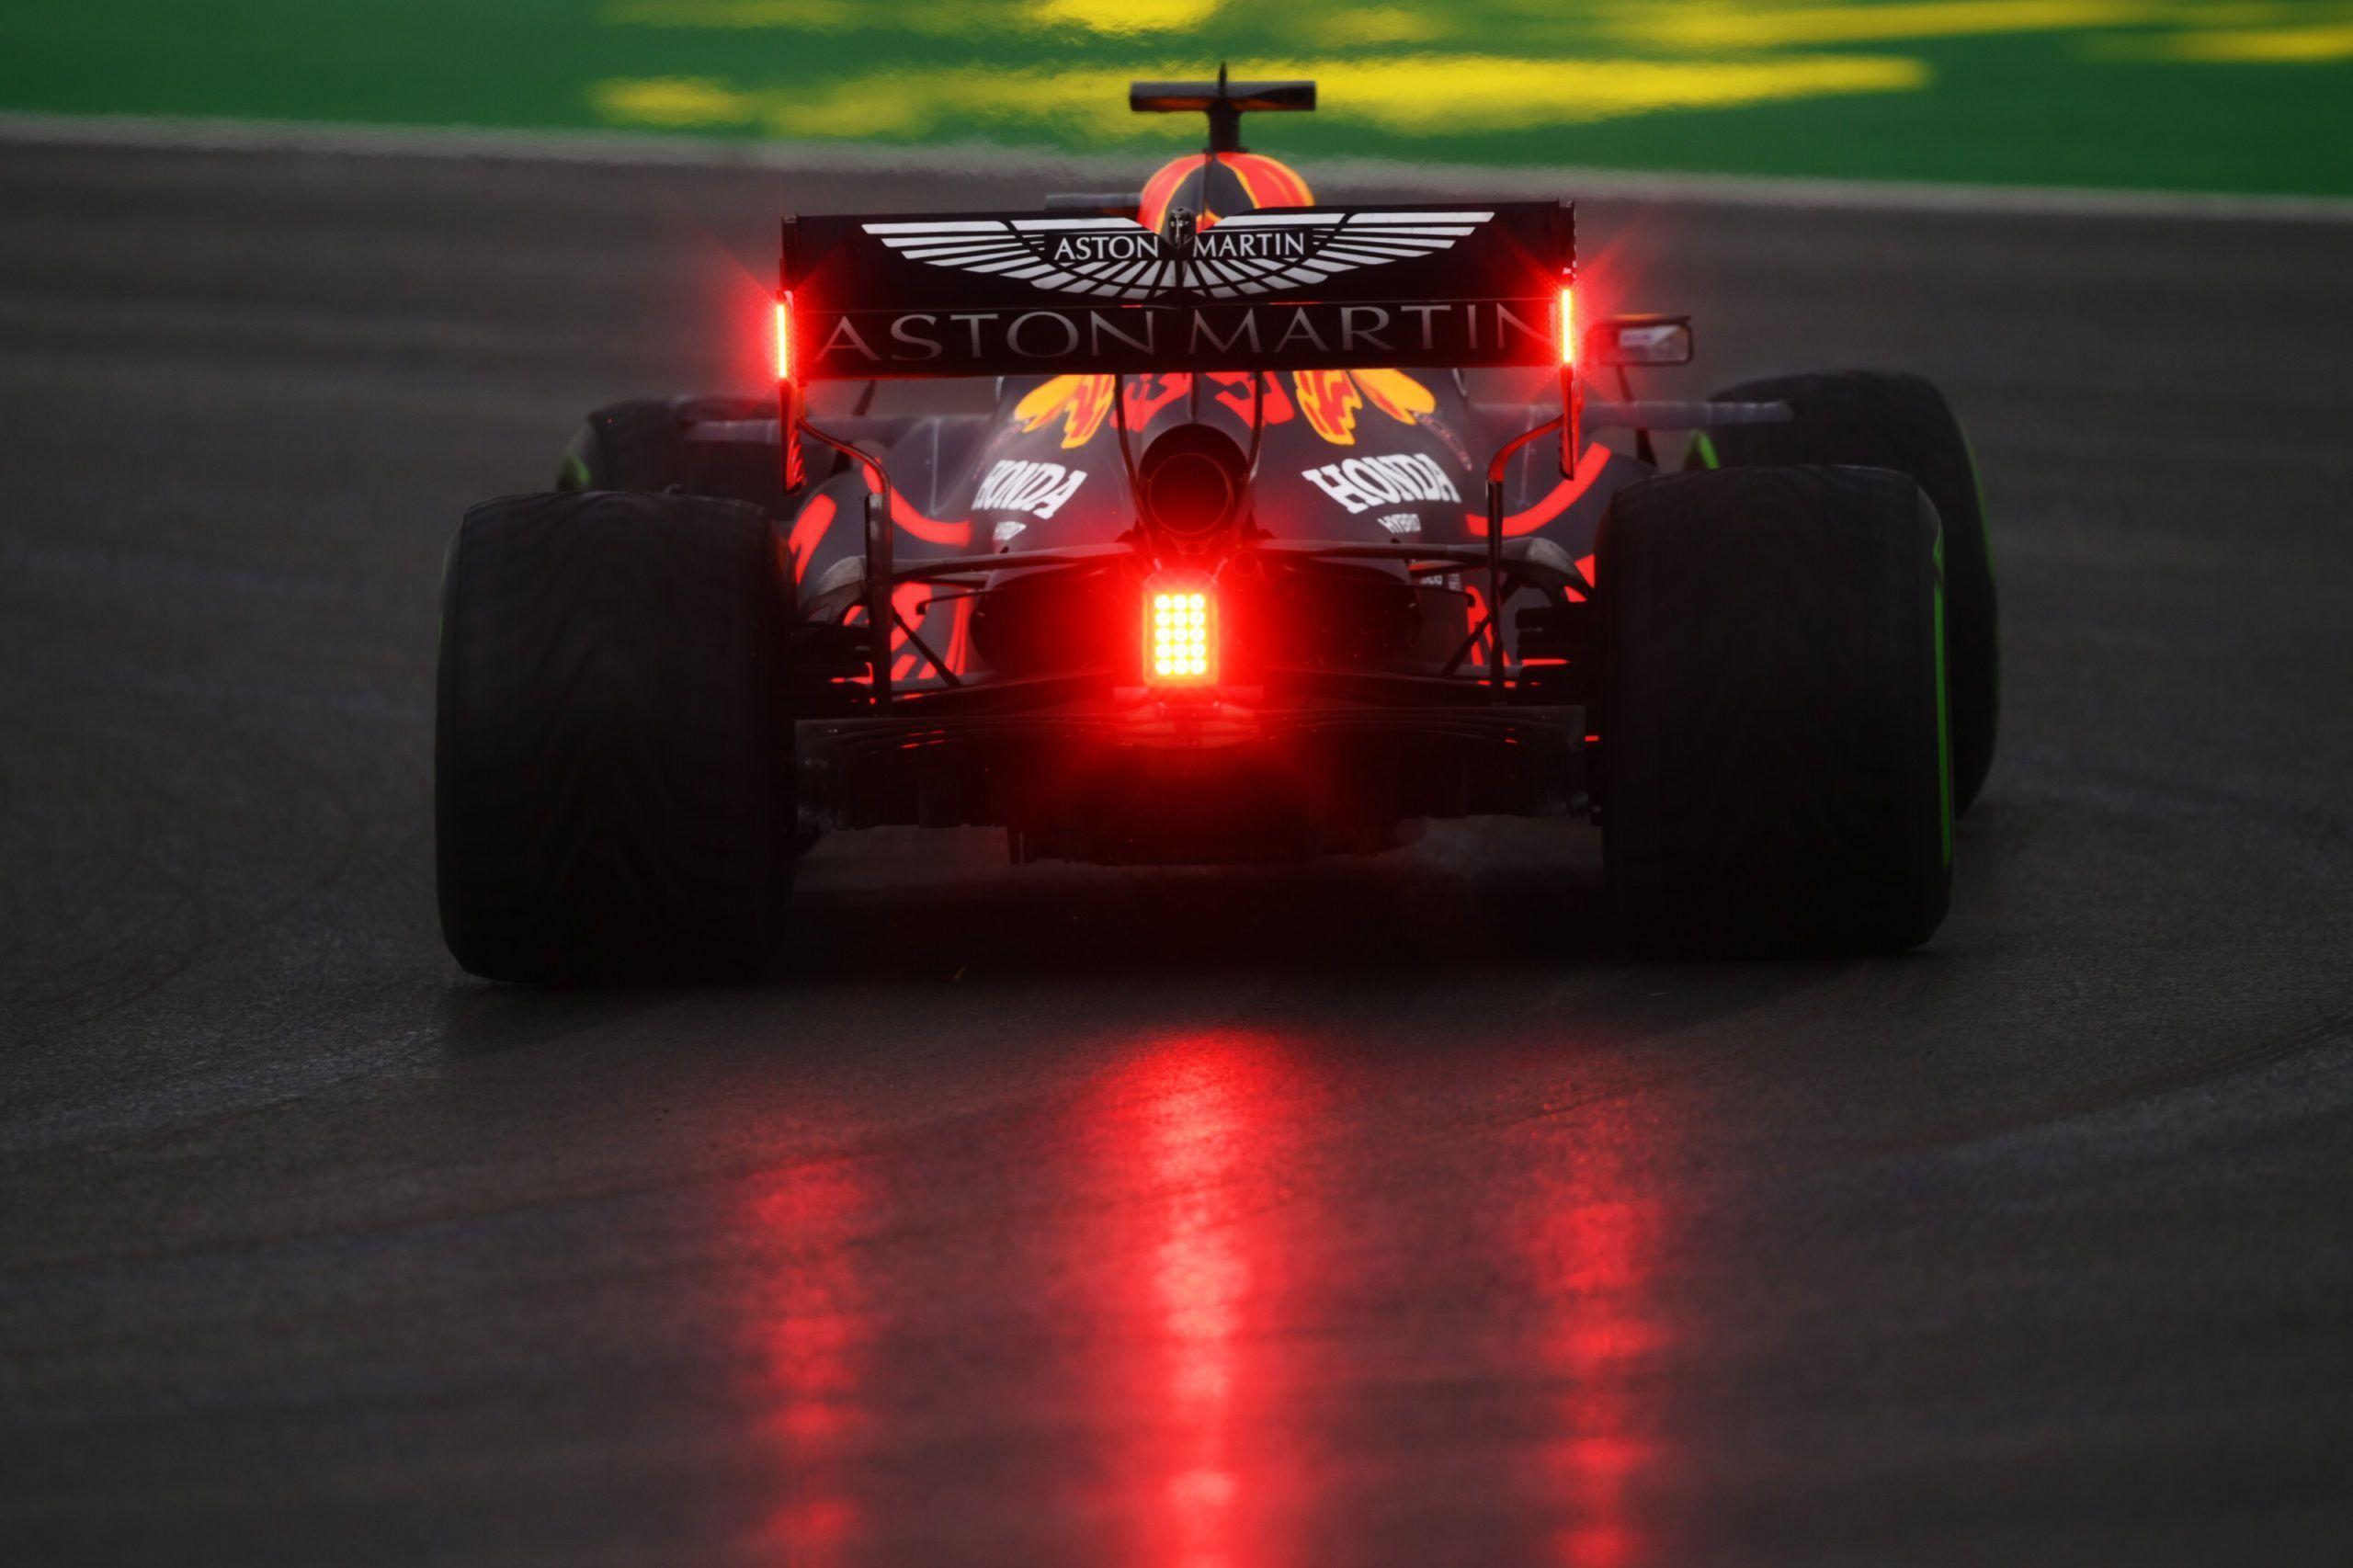 F1, Turkish GP, Max Verstappen